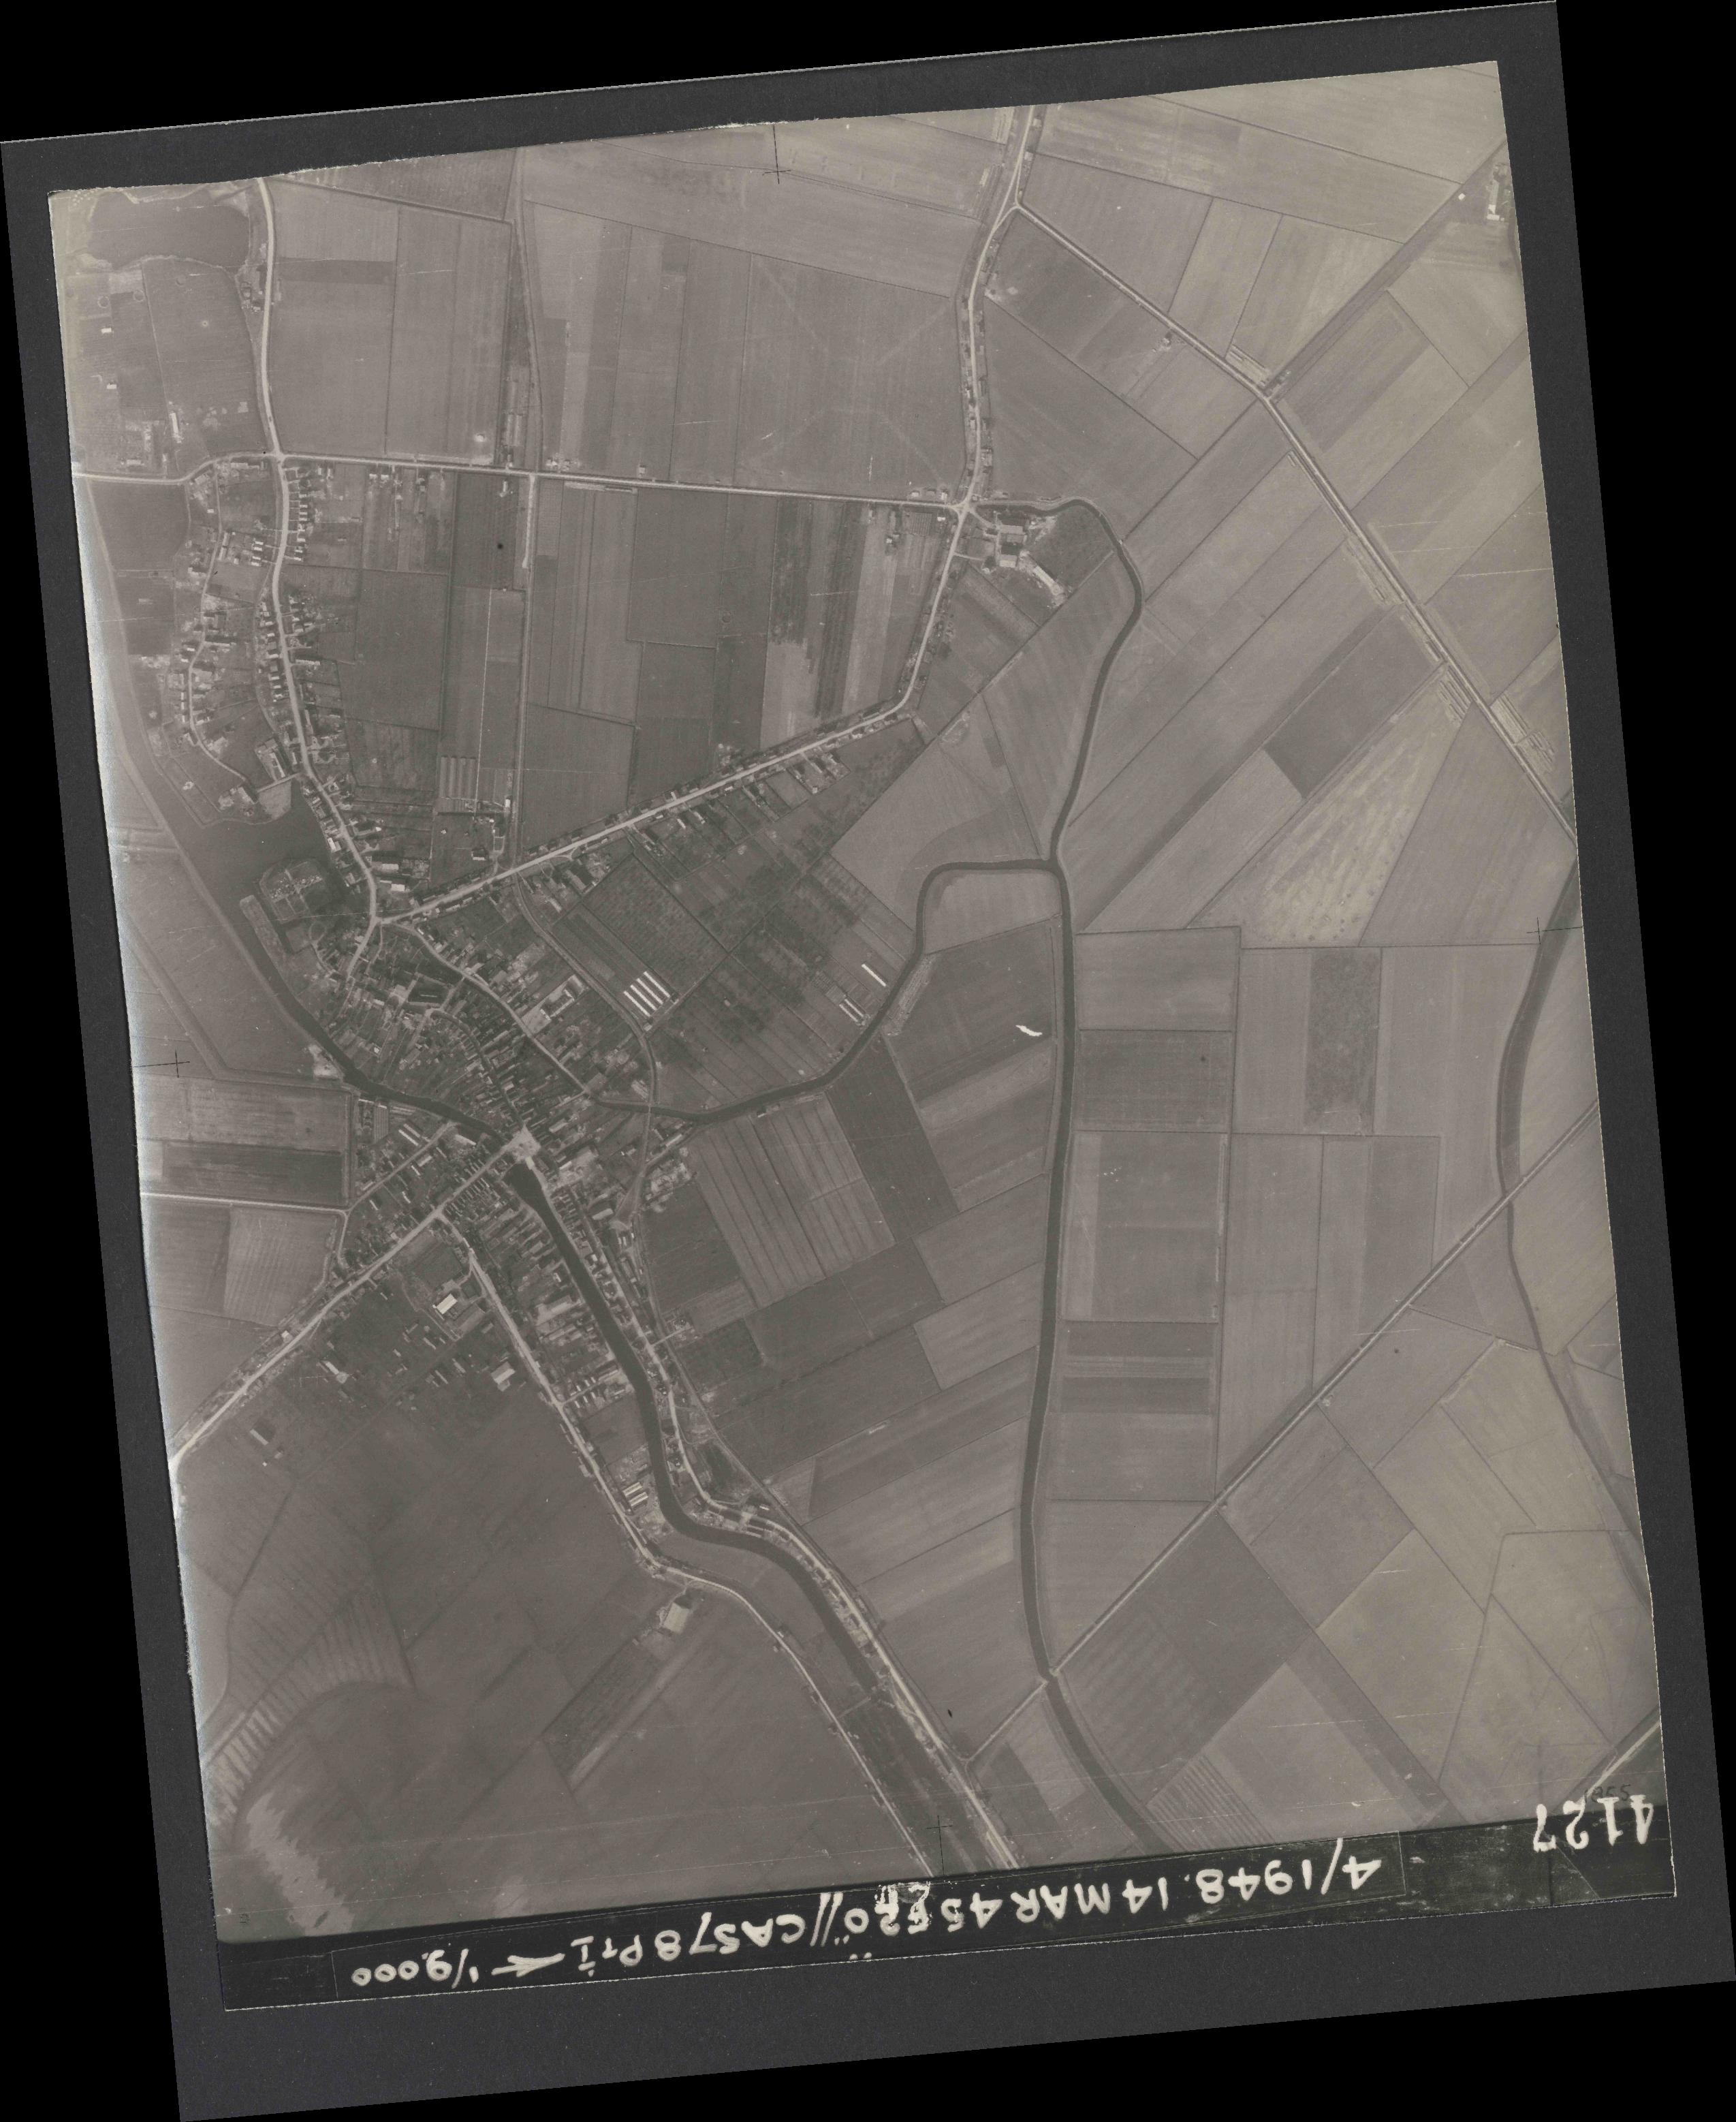 Collection RAF aerial photos 1940-1945 - flight 095, run 04, photo 4127